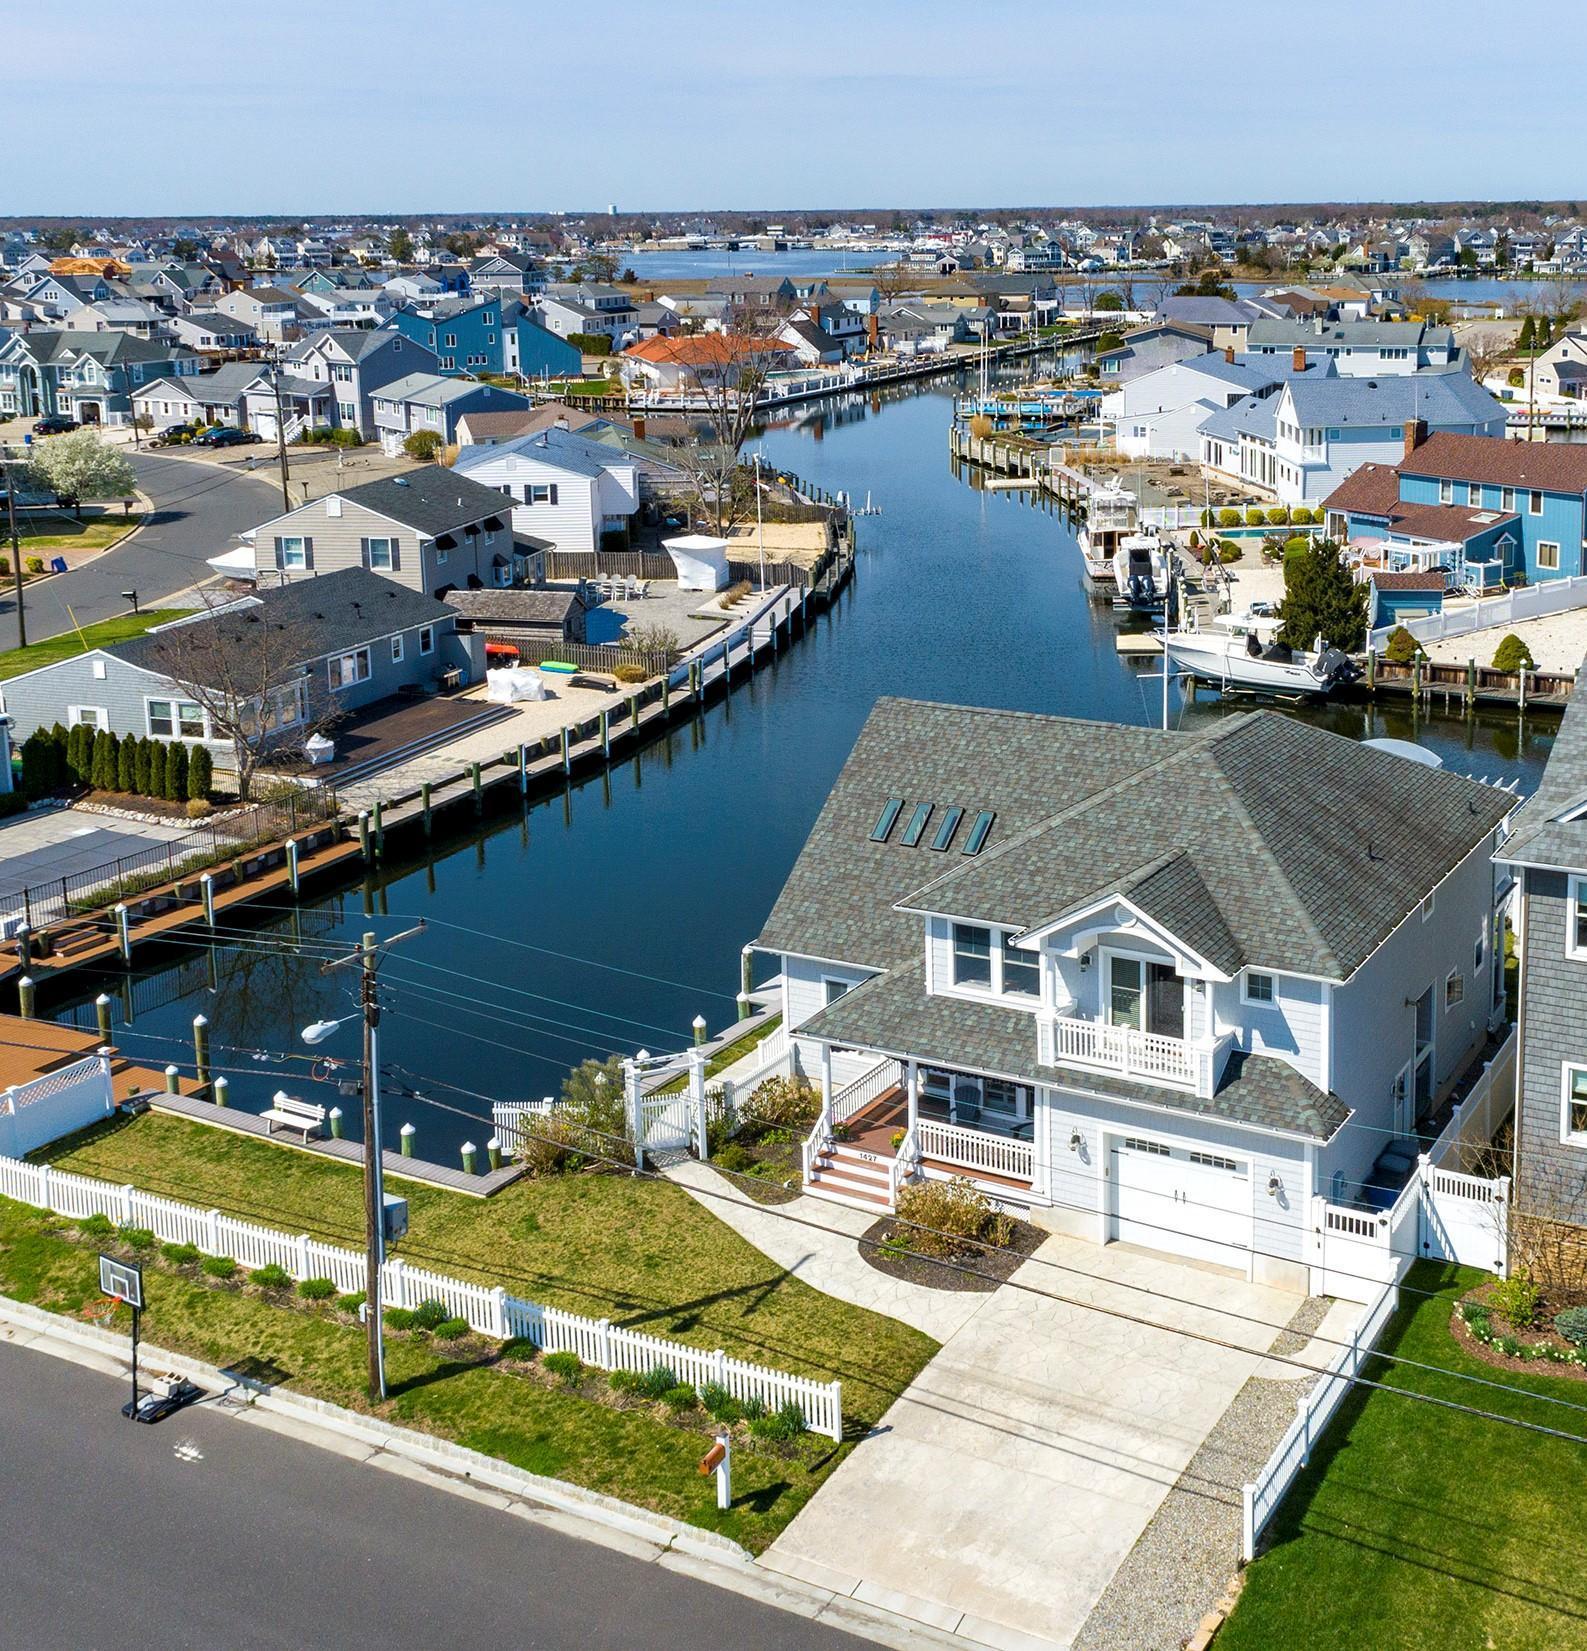 1427 Rue Mirador, Point Pleasant, New Jersey 08742, 4 Bedrooms Bedrooms, ,3 BathroomsBathrooms,Single Family,For Sale,1427 Rue Mirador,2,22111246